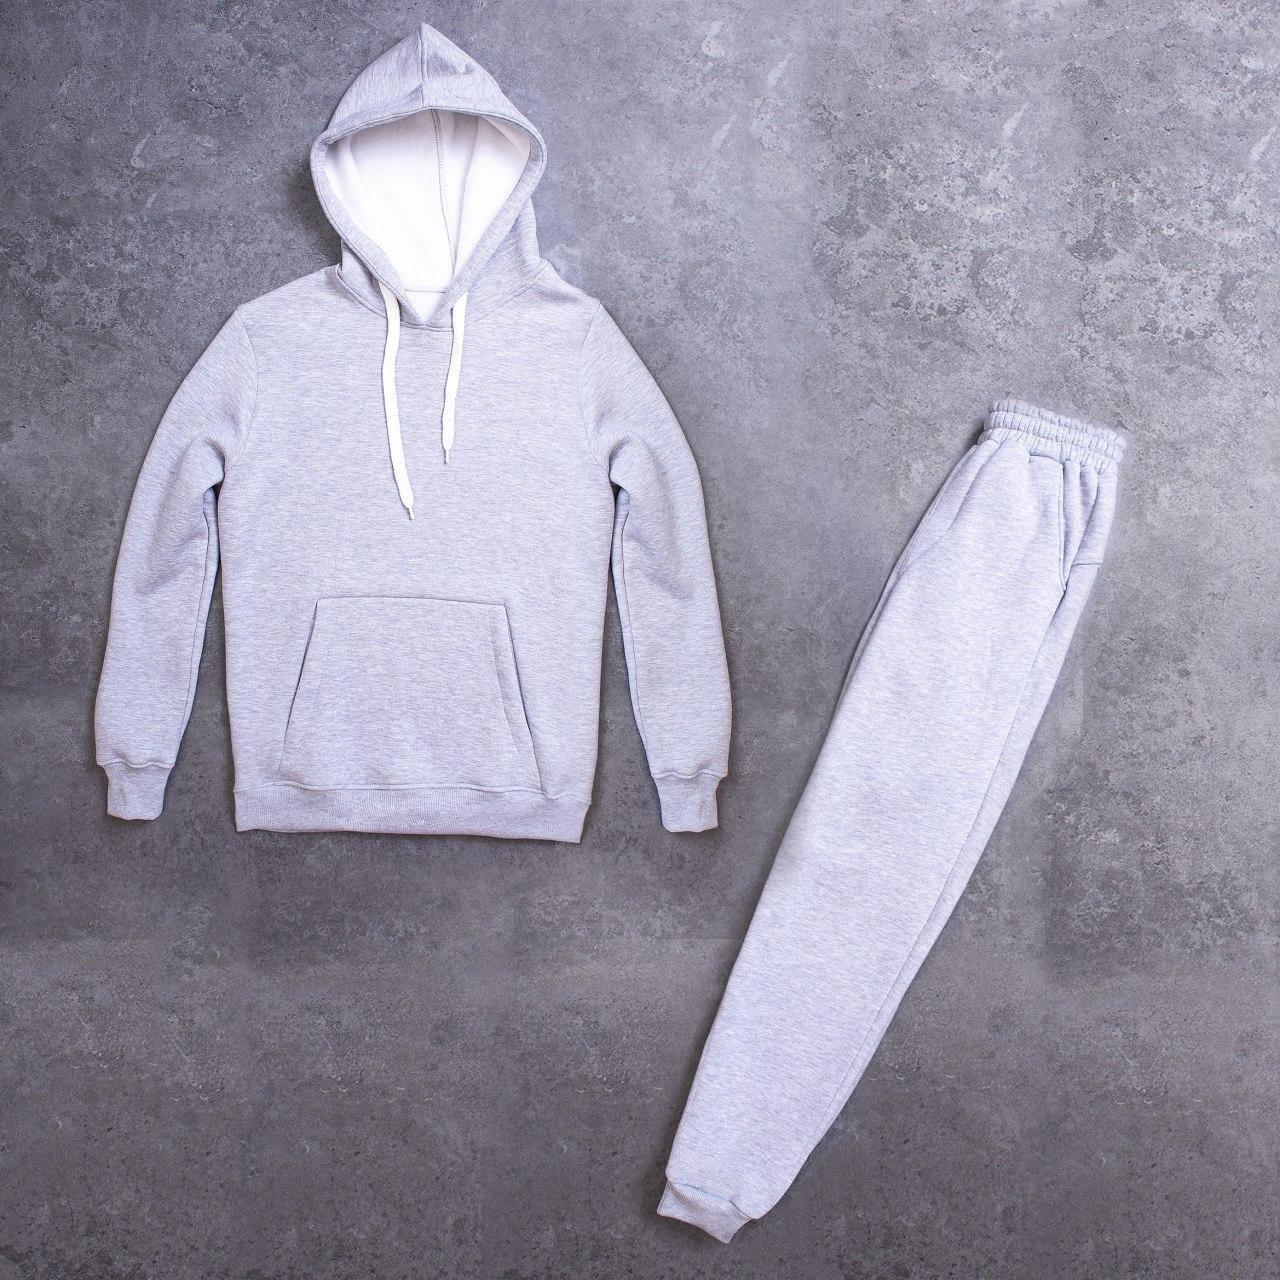 Мужской зимний спортивный костюм 98 Pobedov (серый)